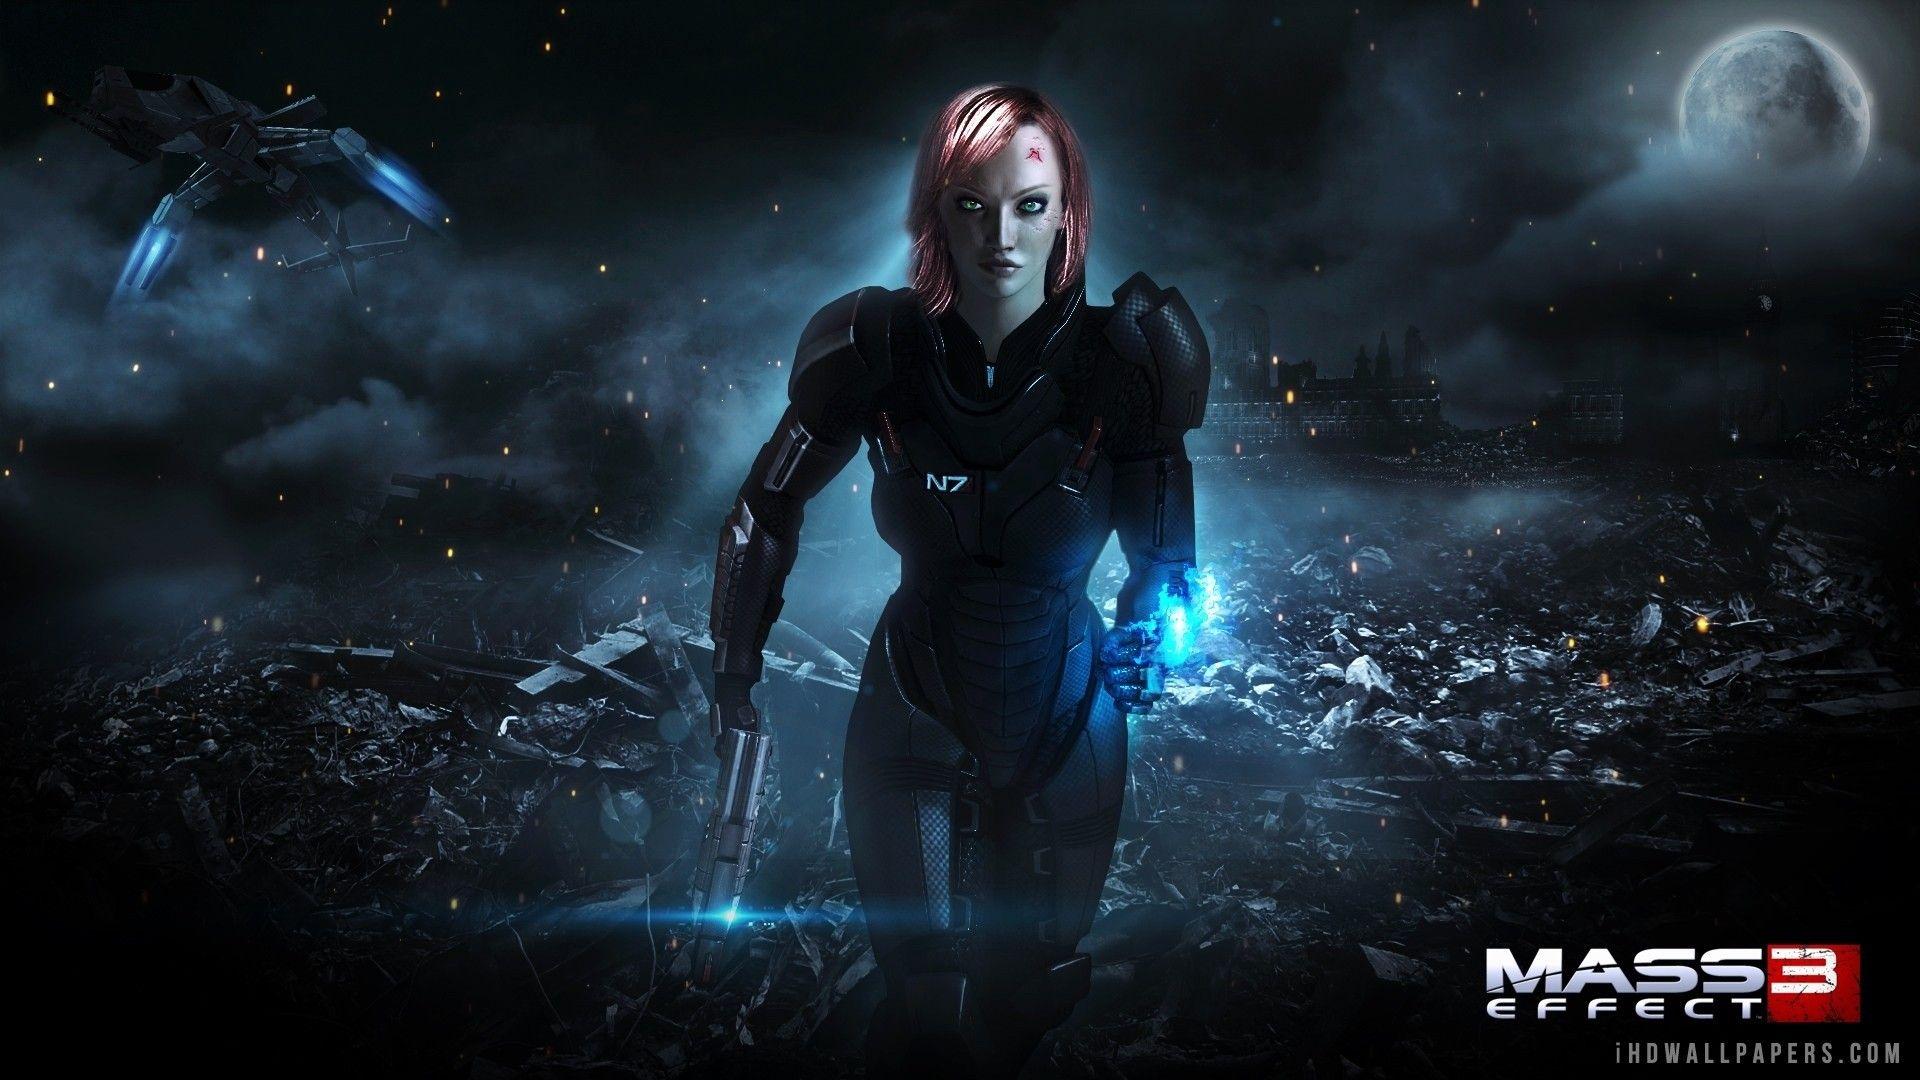 Beautiful Mass Effect 3 Iphone Wallpaper